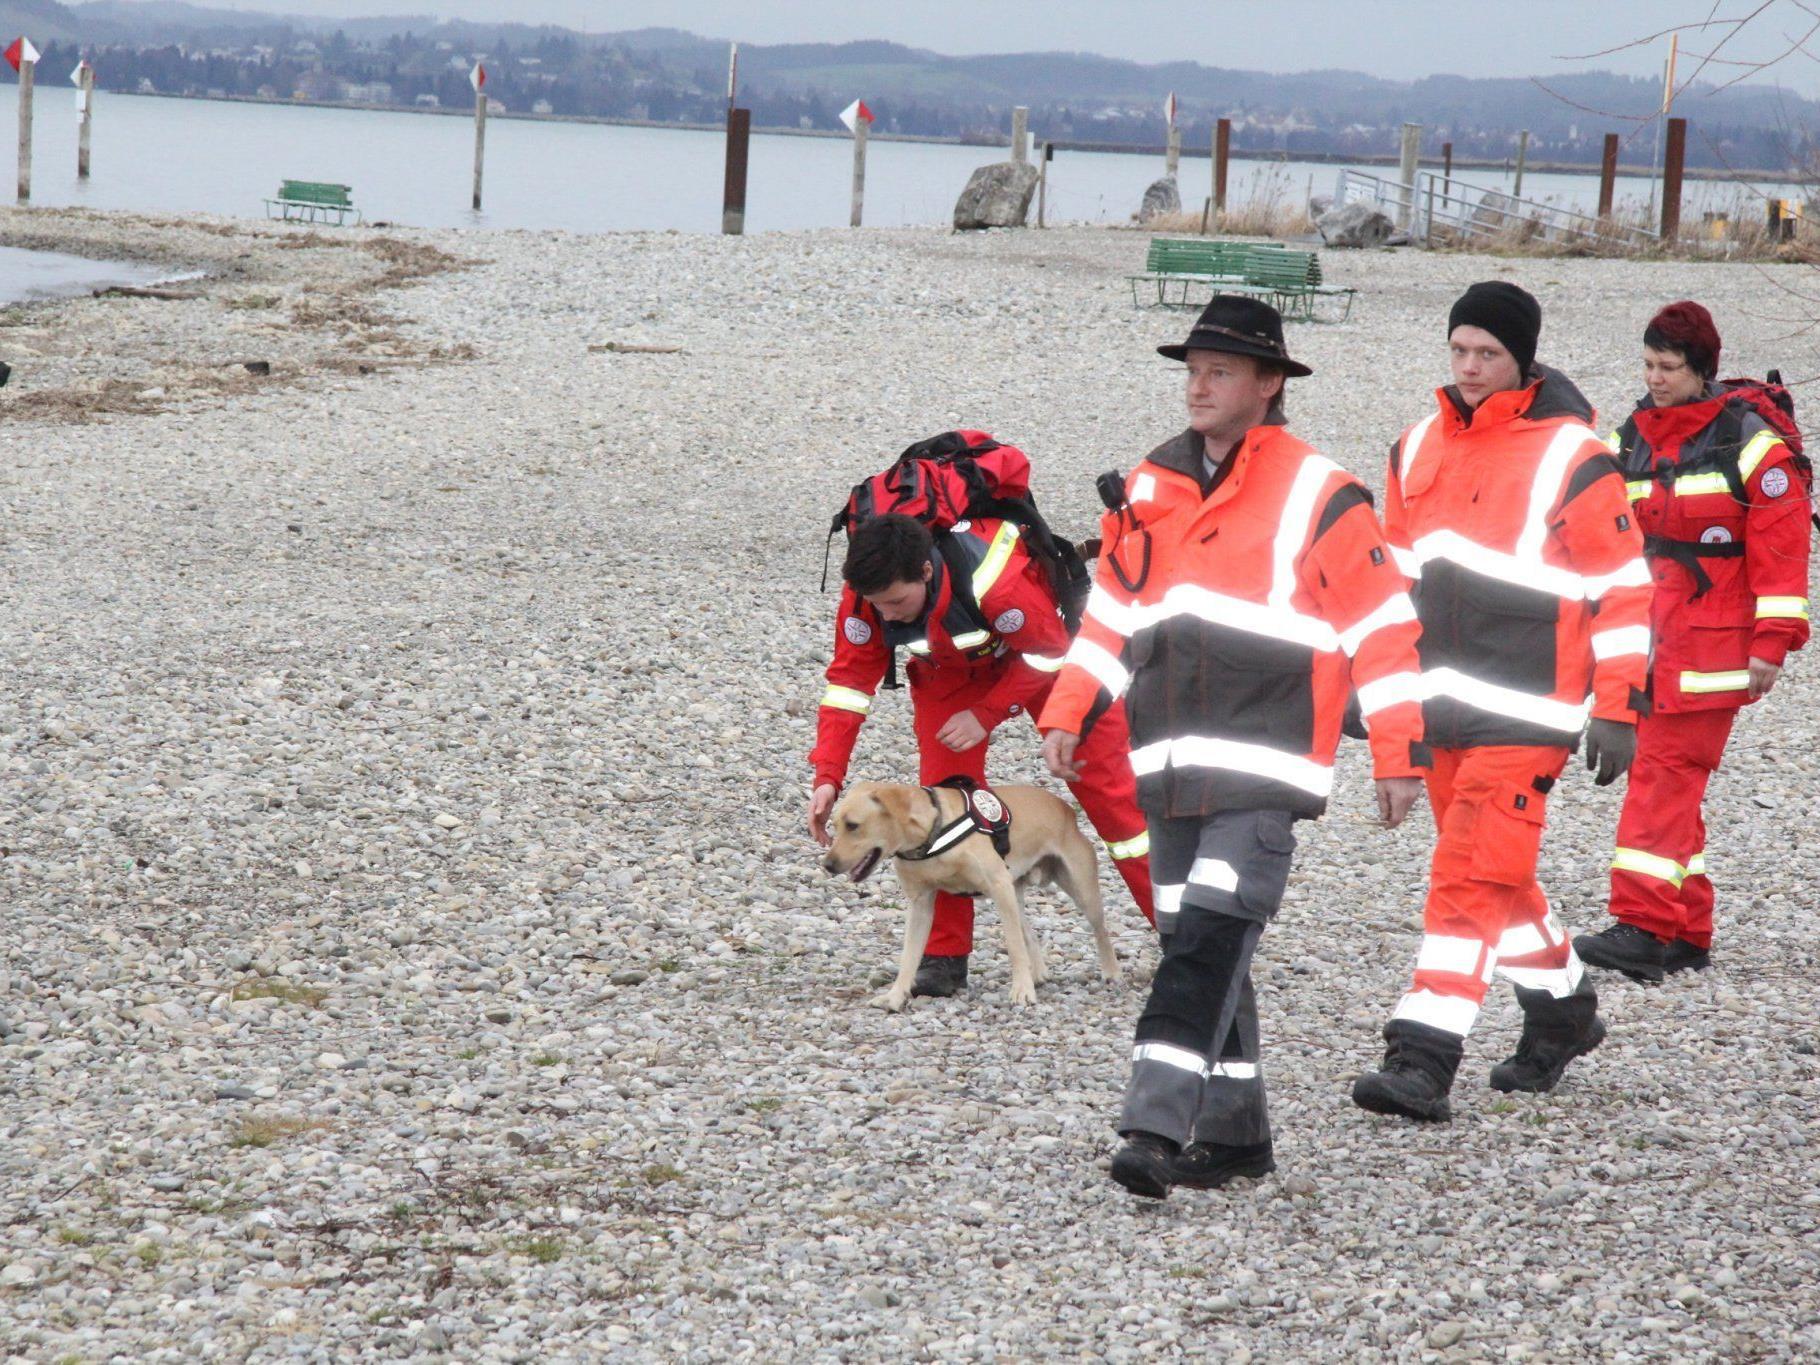 Suche wird mit Spürhunden fortgesetzt